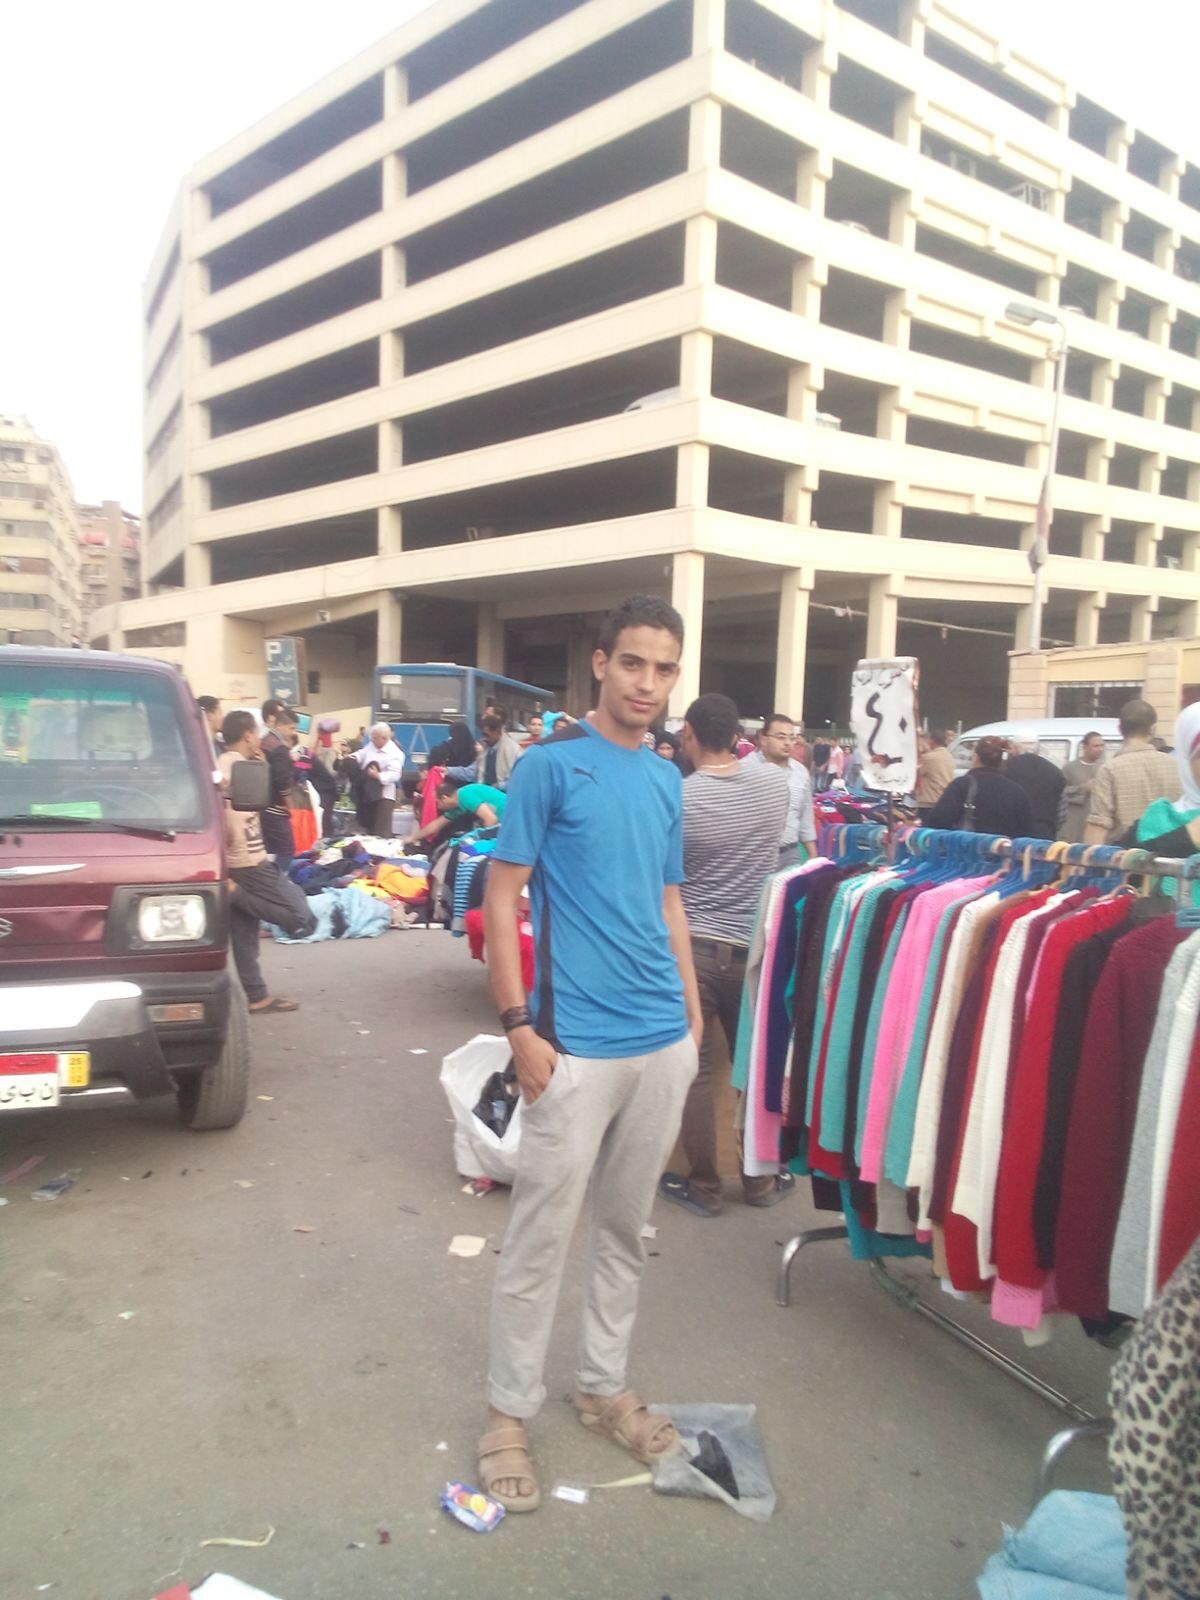 شاب من بني سويف يعمل بائعًا متجولا بالعتبة يكتب قصته مع البلدية: «مفيش فرصة»